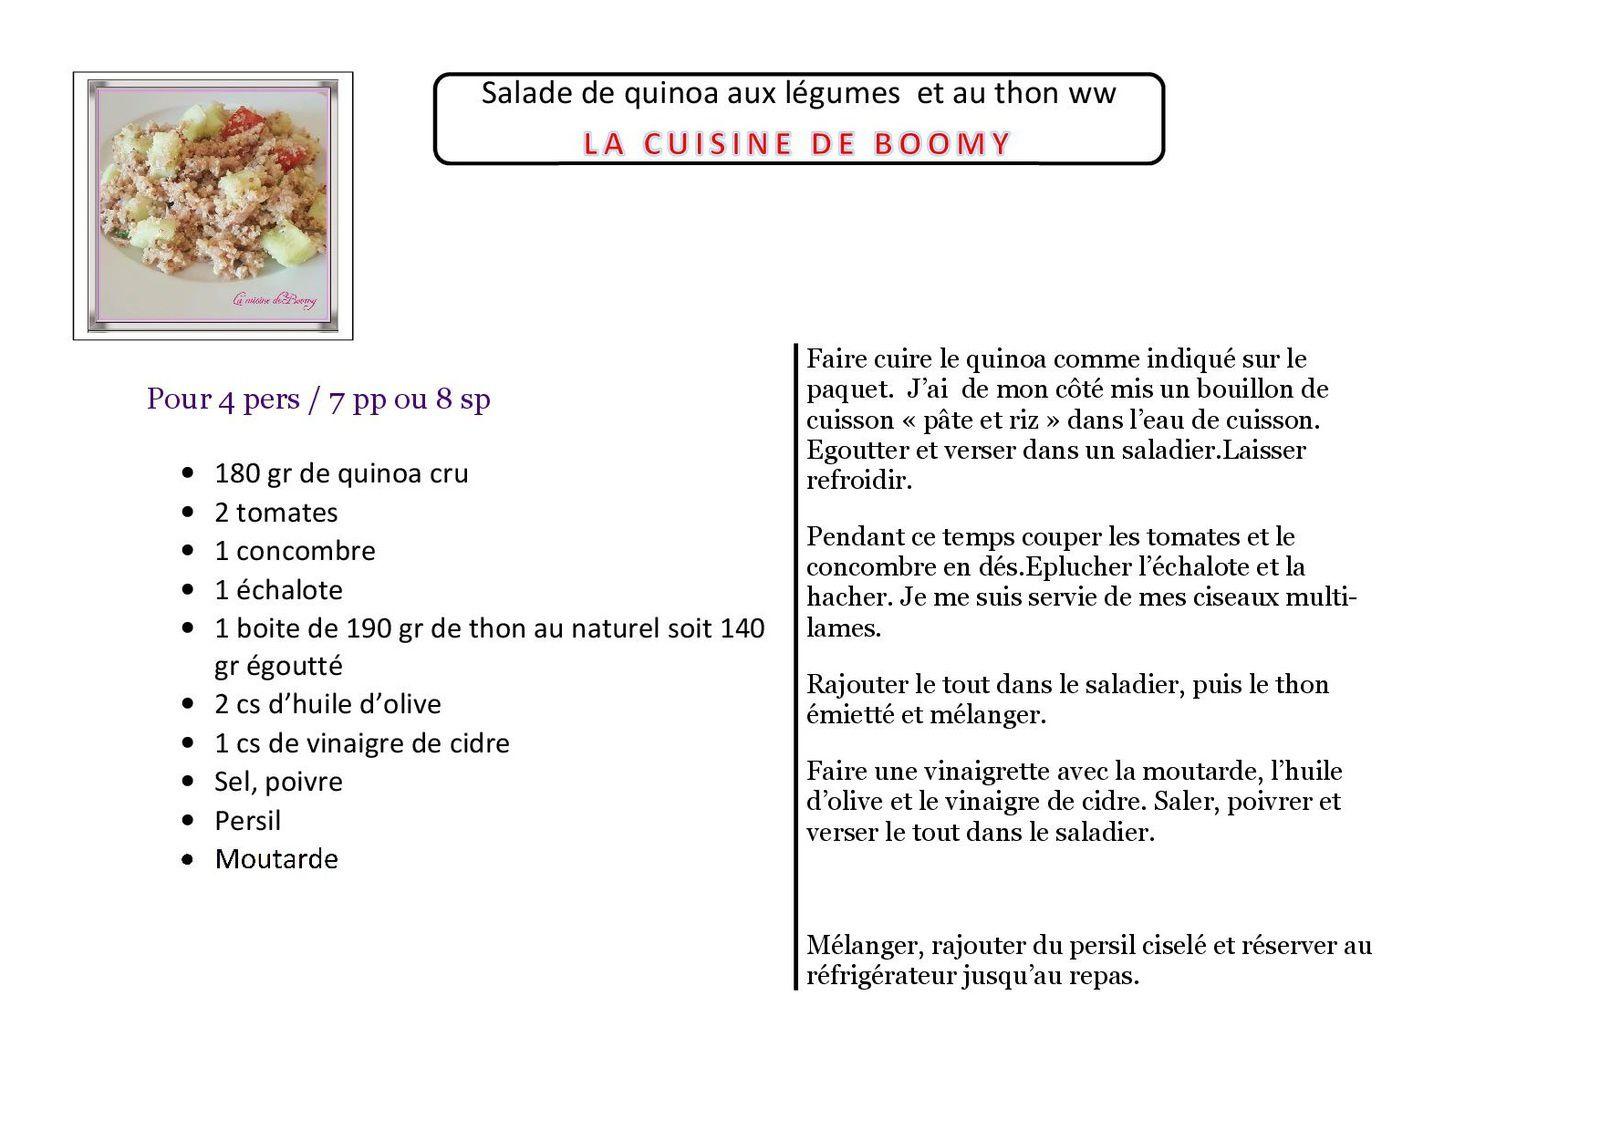 Salade de quinoa aux légumes  et au thon ww